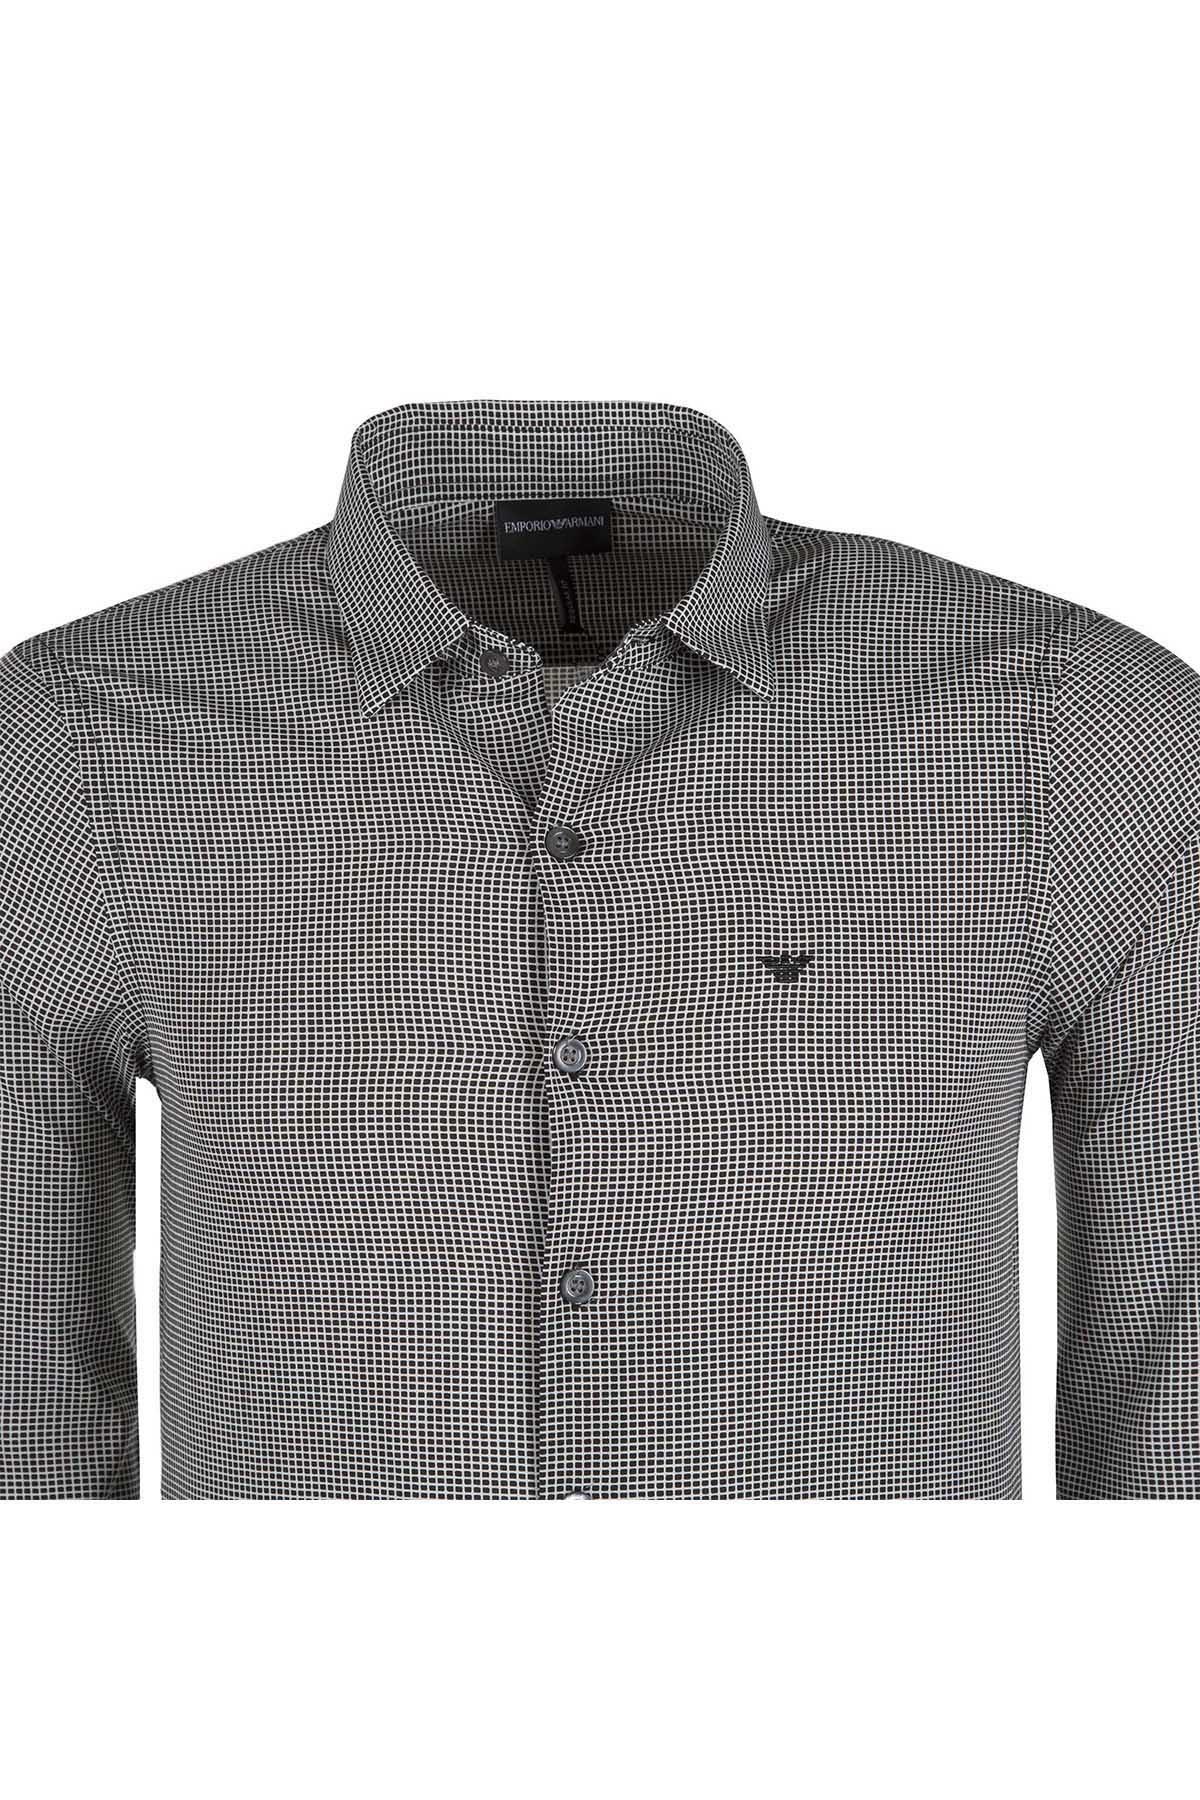 EMPORIO ARMANI Erkek Gömlek 3Z1CM6 1NGHZF 008 GRİ